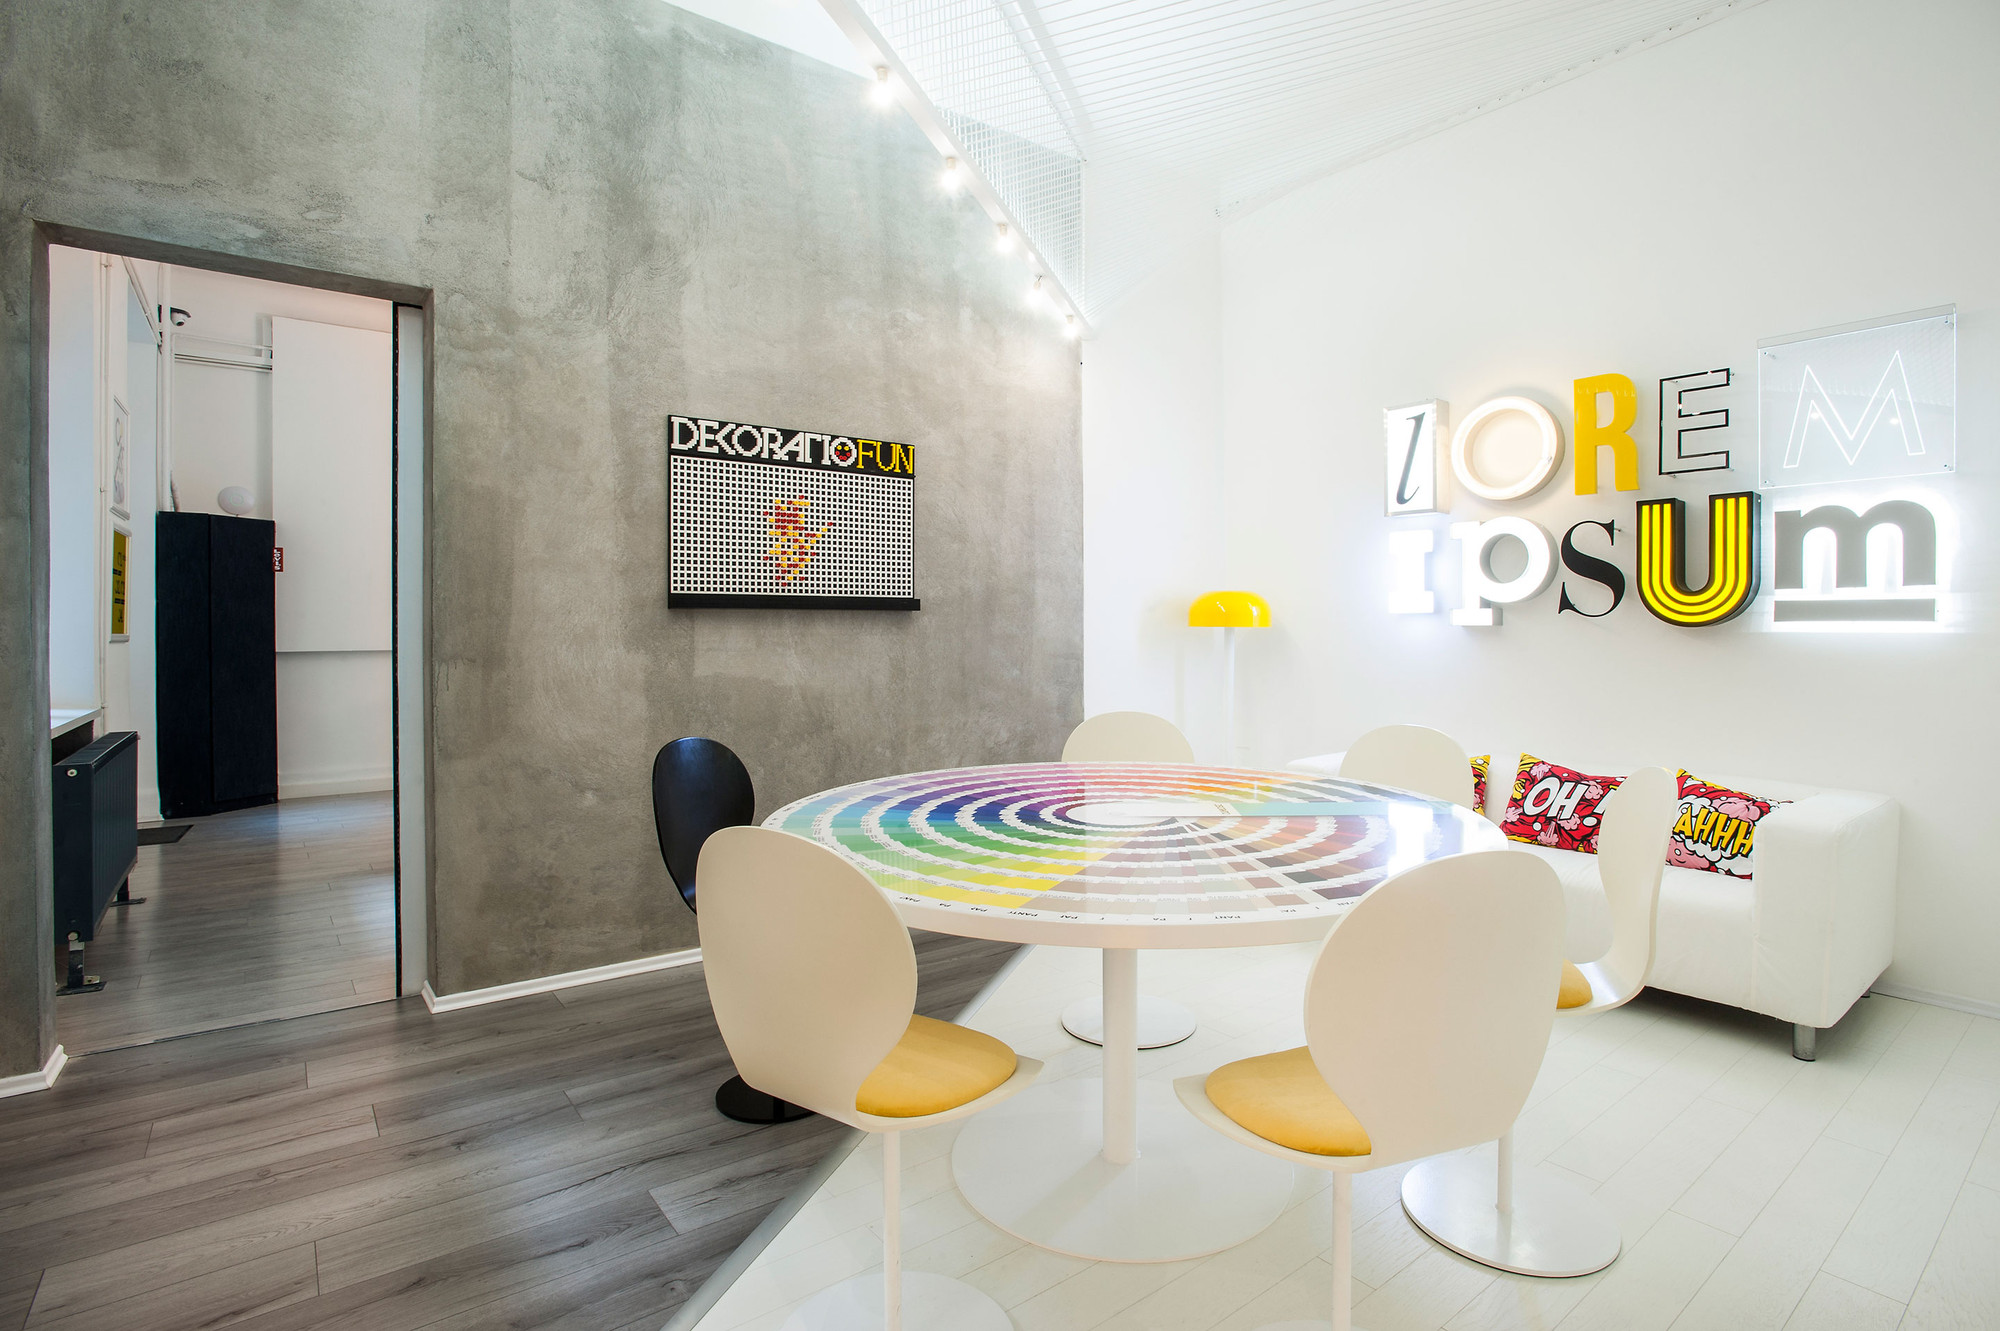 Dekoratio Branding & Design Studio / Dekoratio, © Balint Jaksa